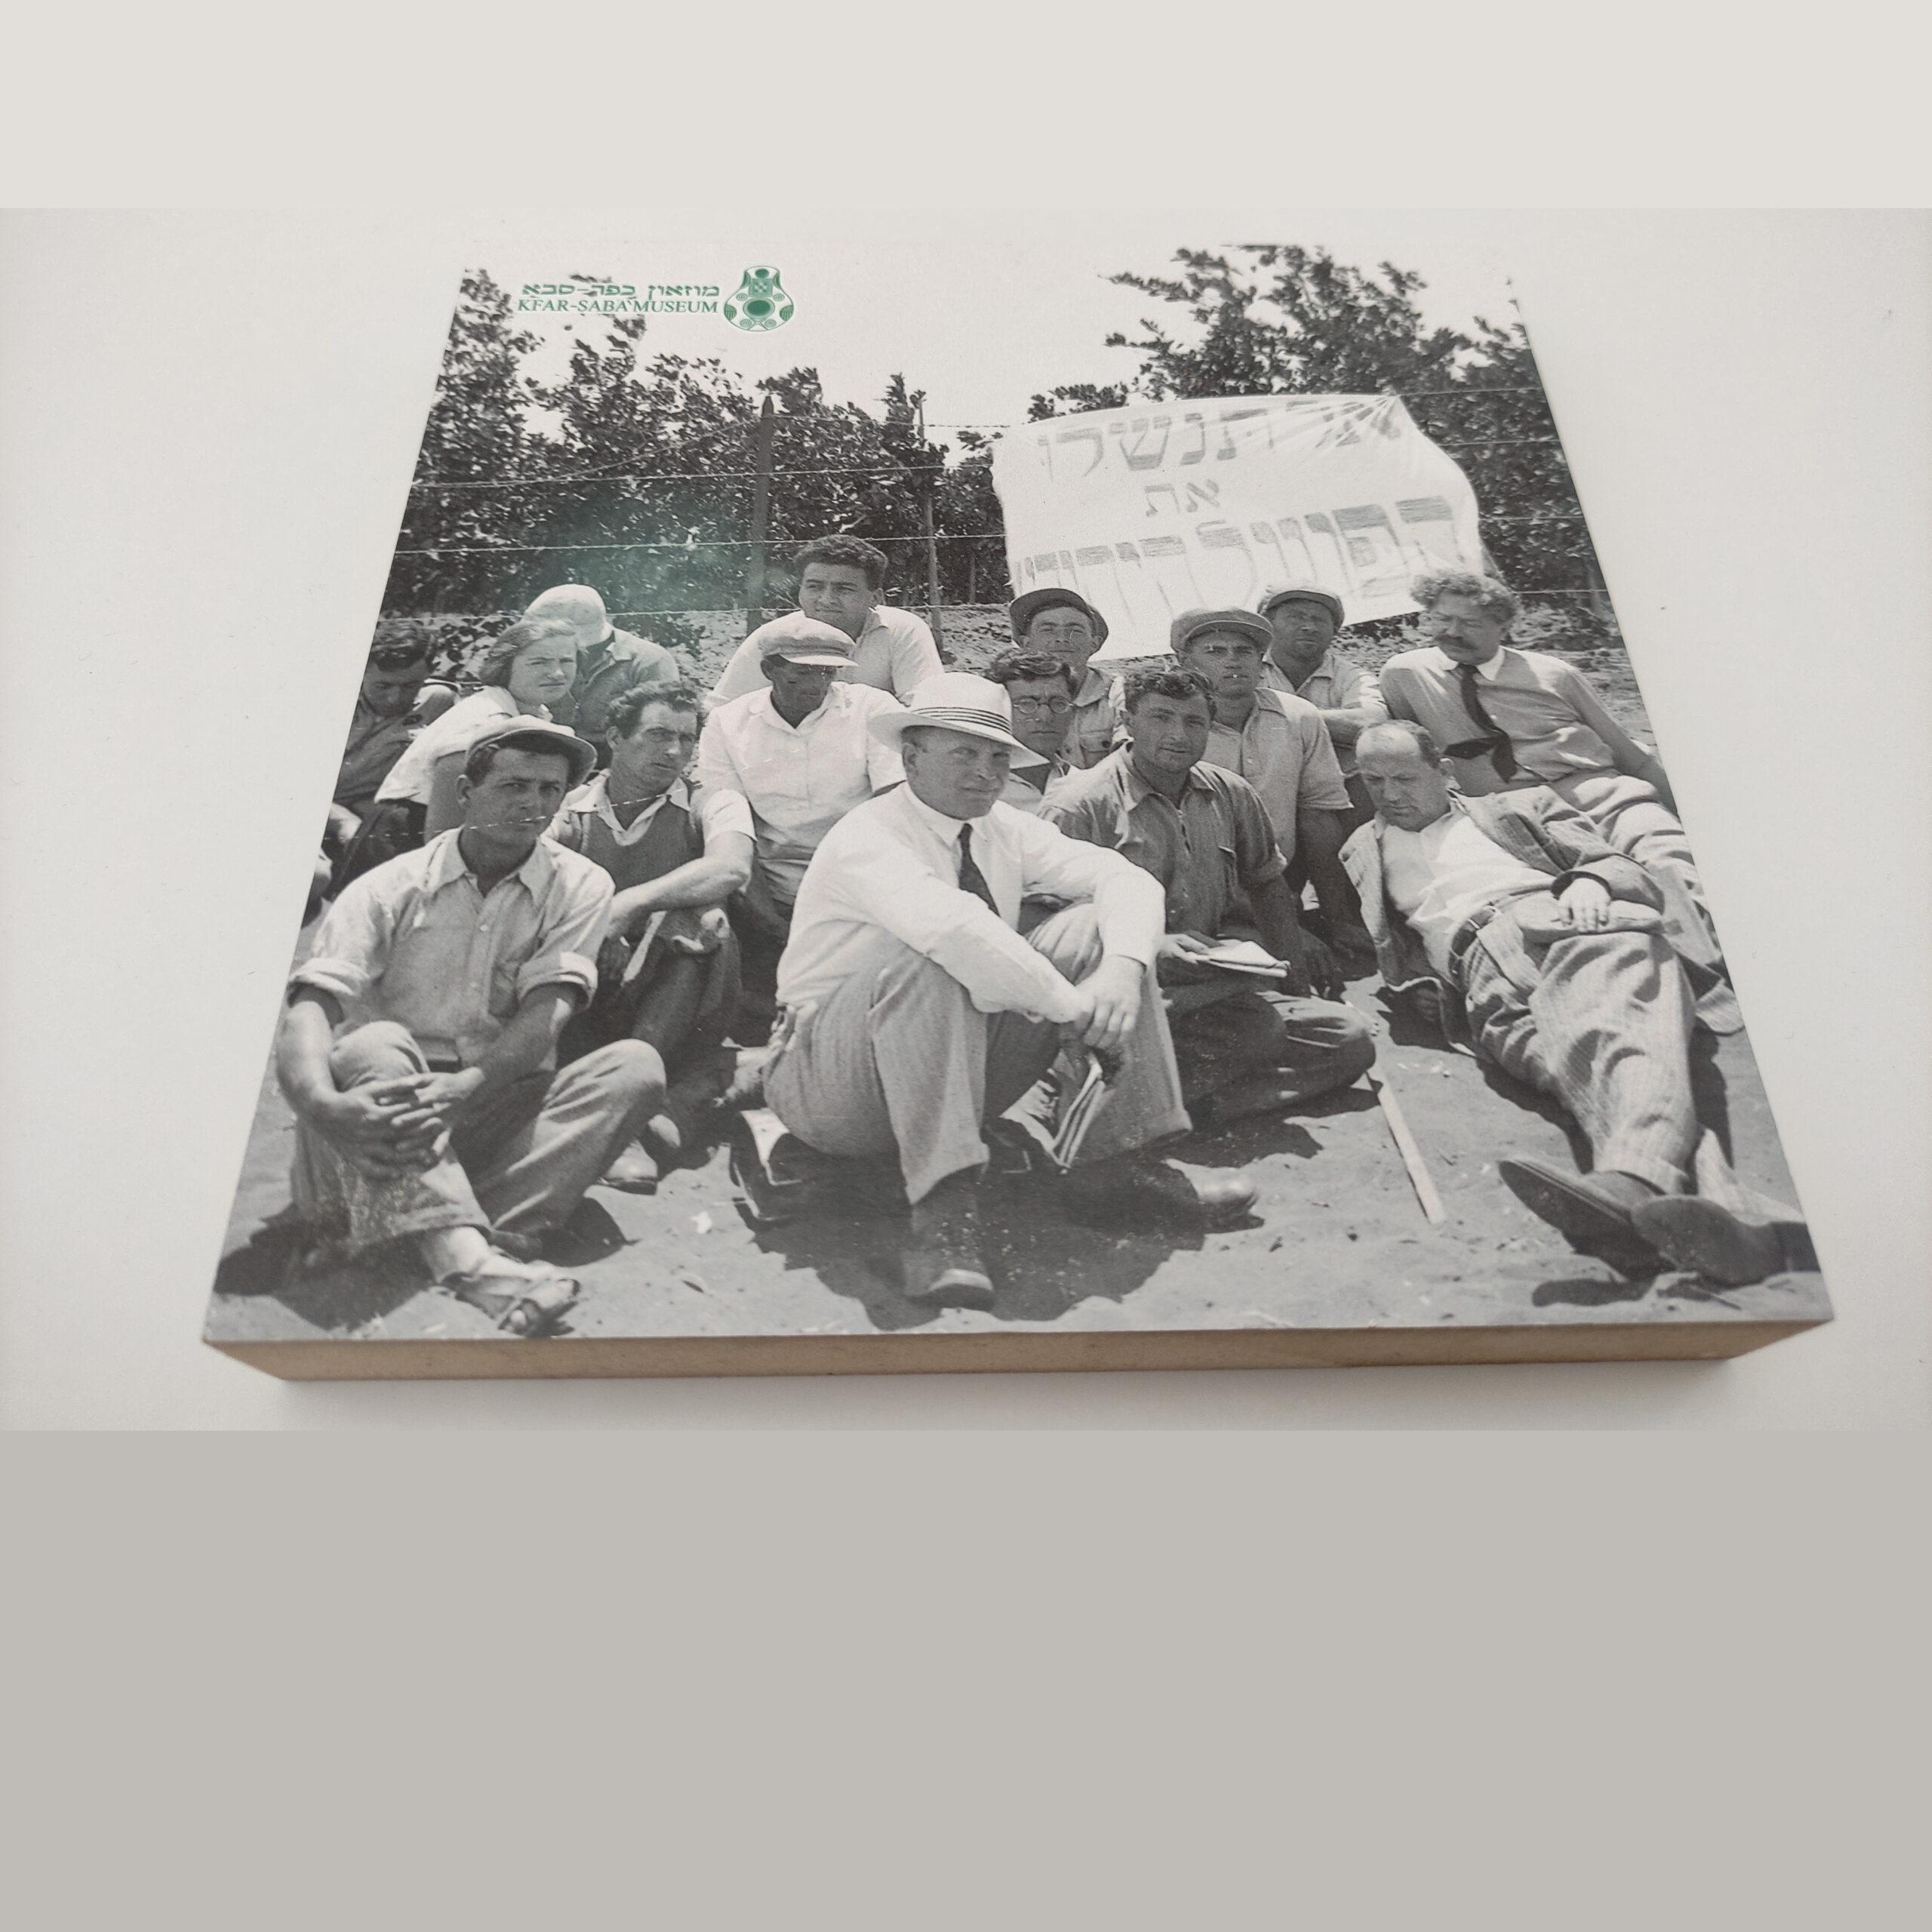 בלוק עץ מזכרת עם צילום היסטורי